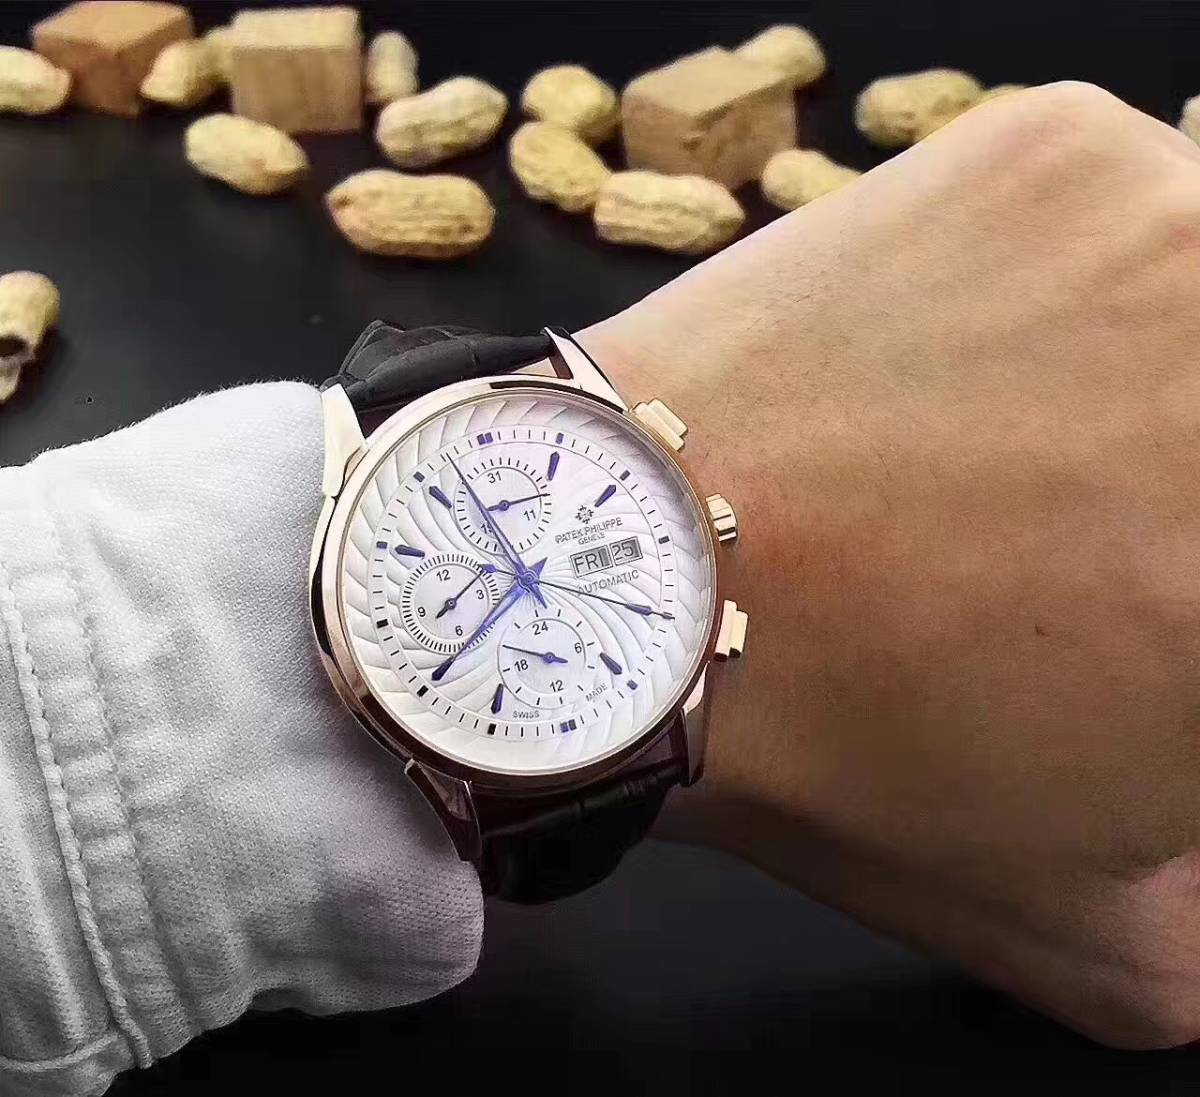 新品 パテックフィリップ 自動巻き メンズウォッチ Patek Philippe ステンレス 腕時計 機械